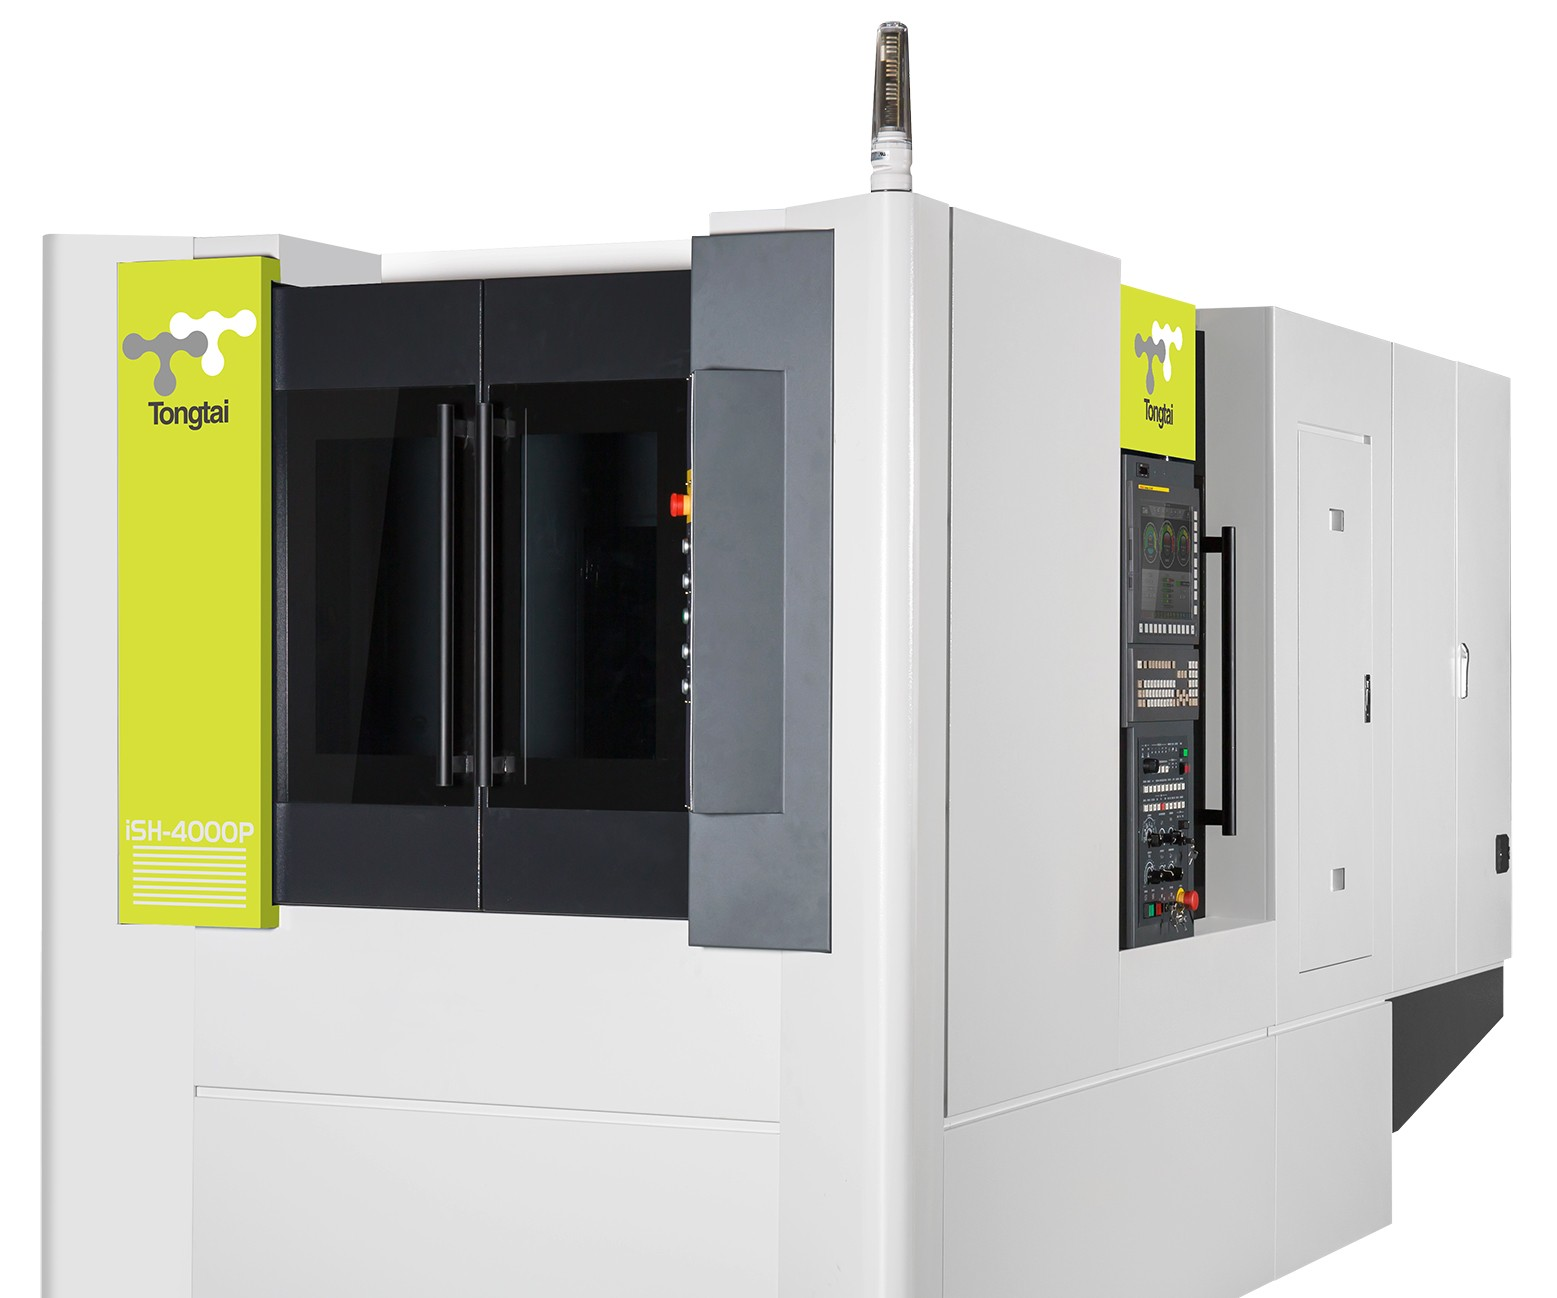 SH-4000P horizontal machining center from Tongtai